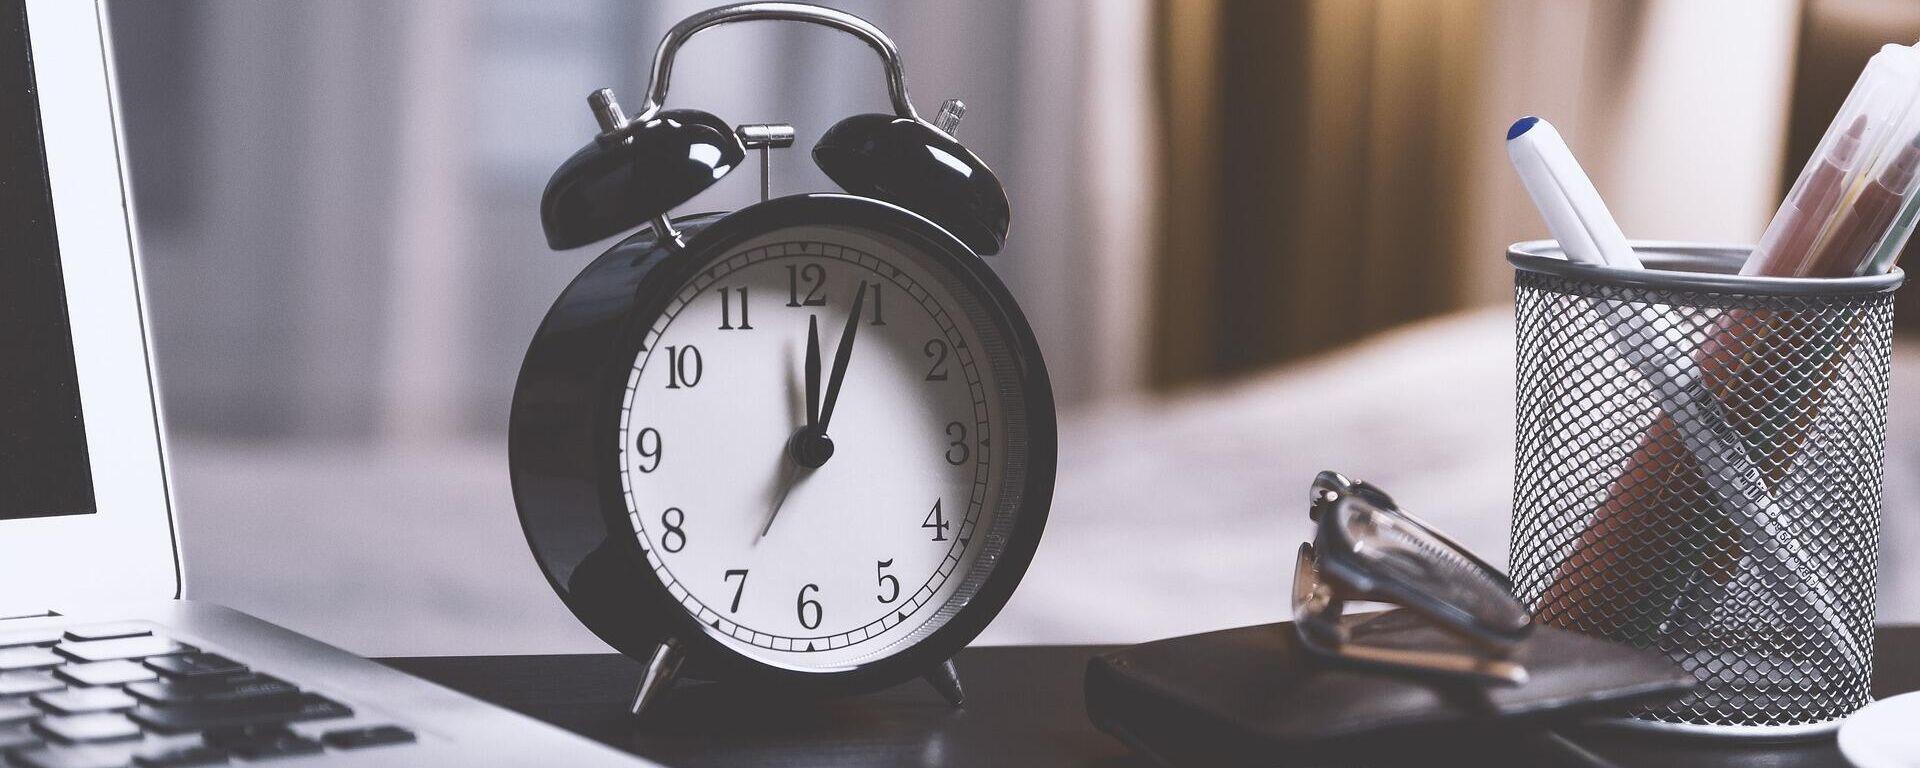 Ρολόι - Ξυπνητήρι - Sputnik Ελλάδα, 1920, 22.09.2021